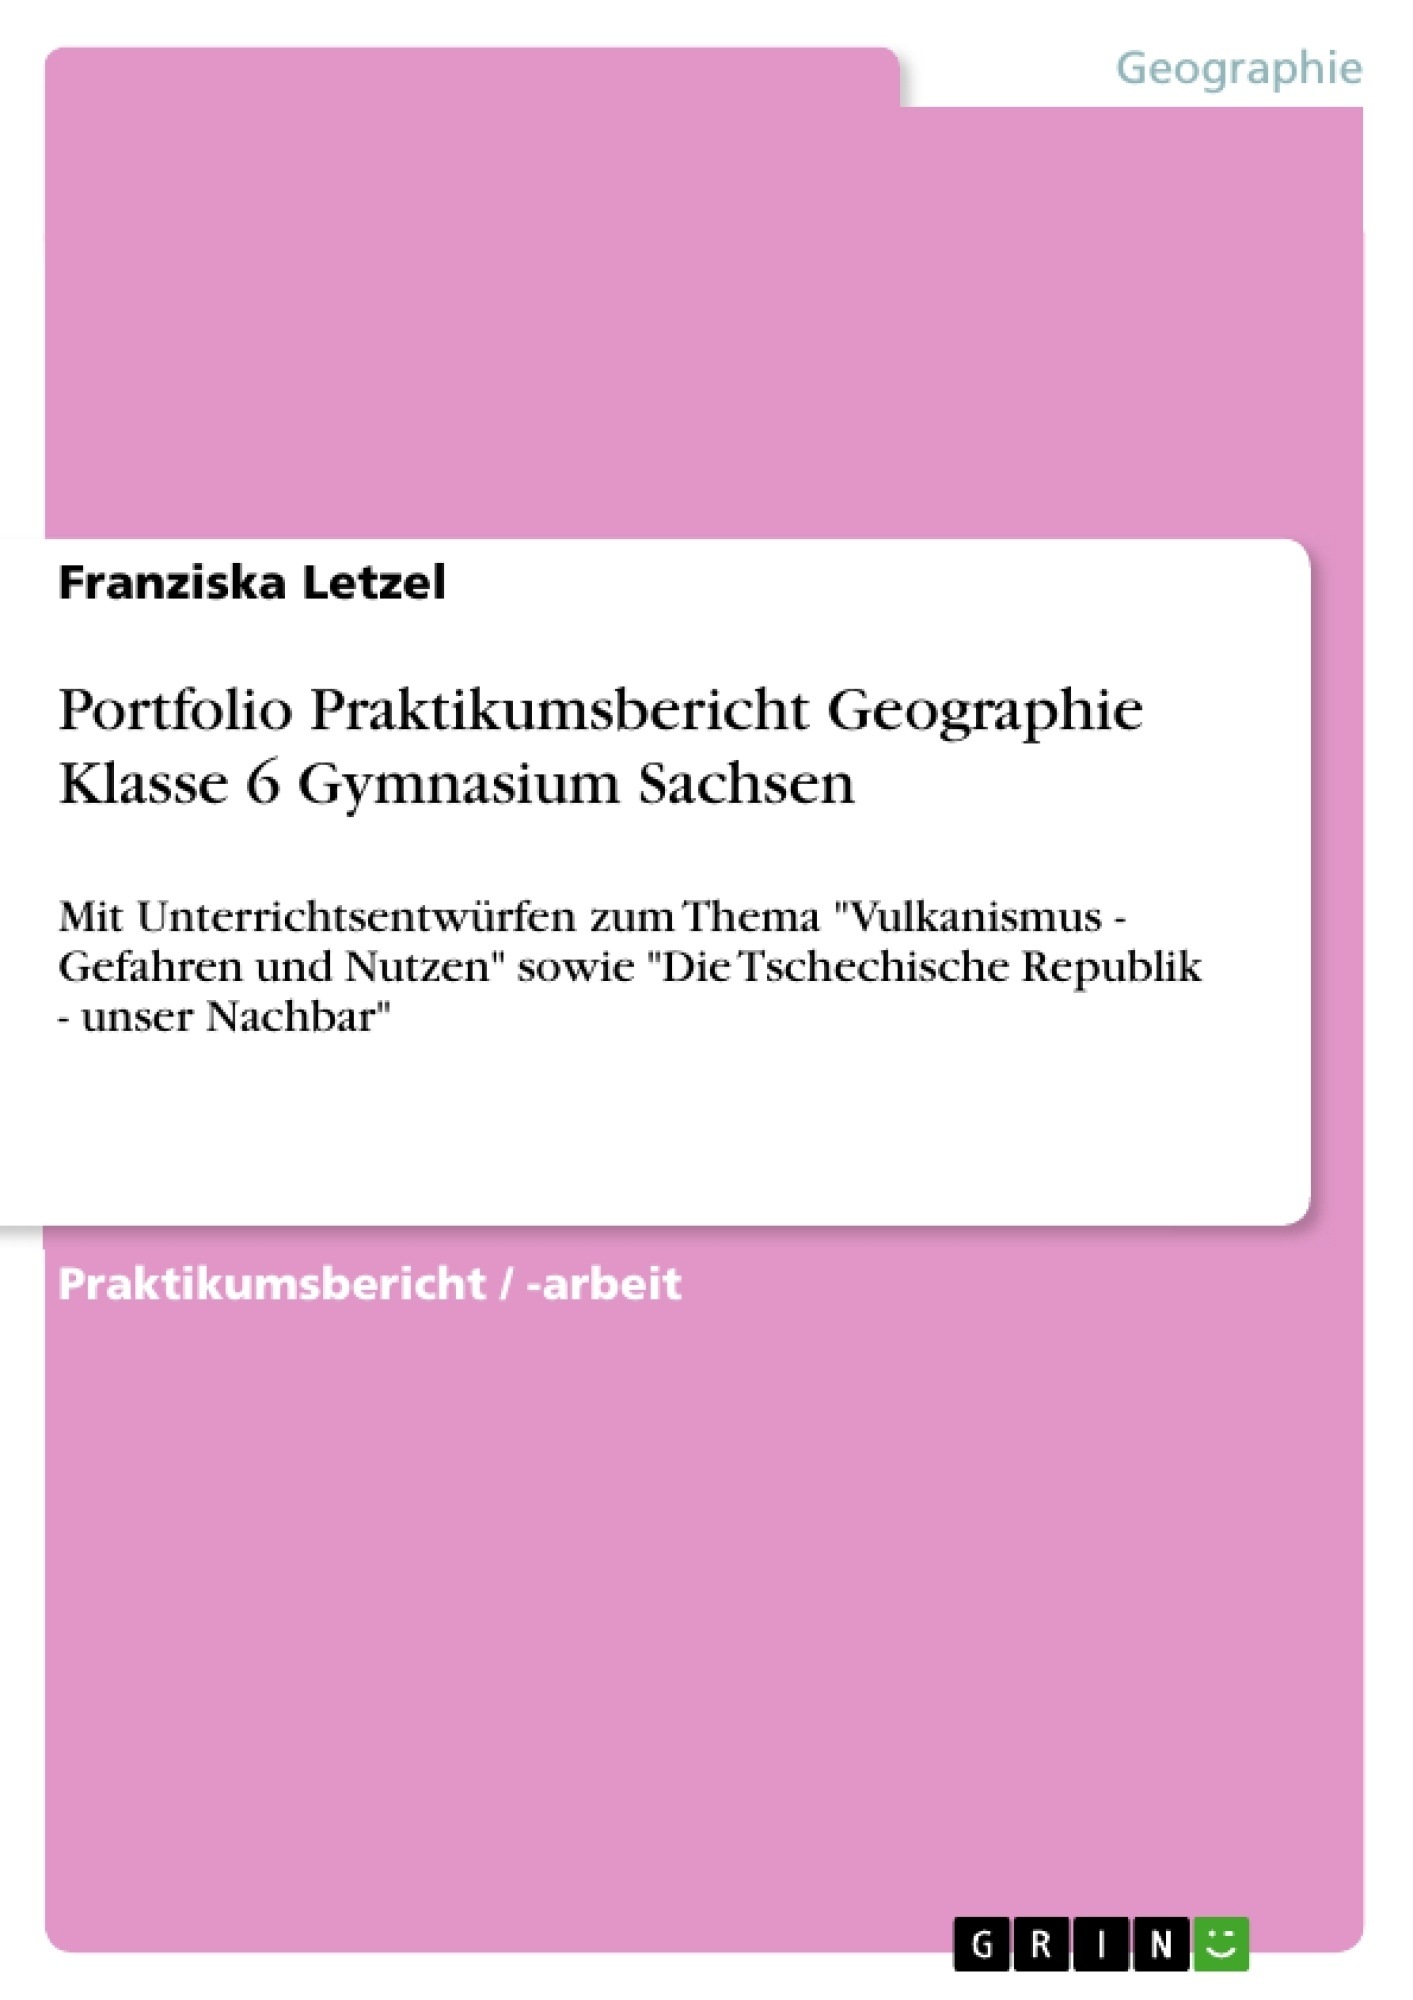 Titel: Portfolio Praktikumsbericht Geographie Klasse 6 Gymnasium Sachsen